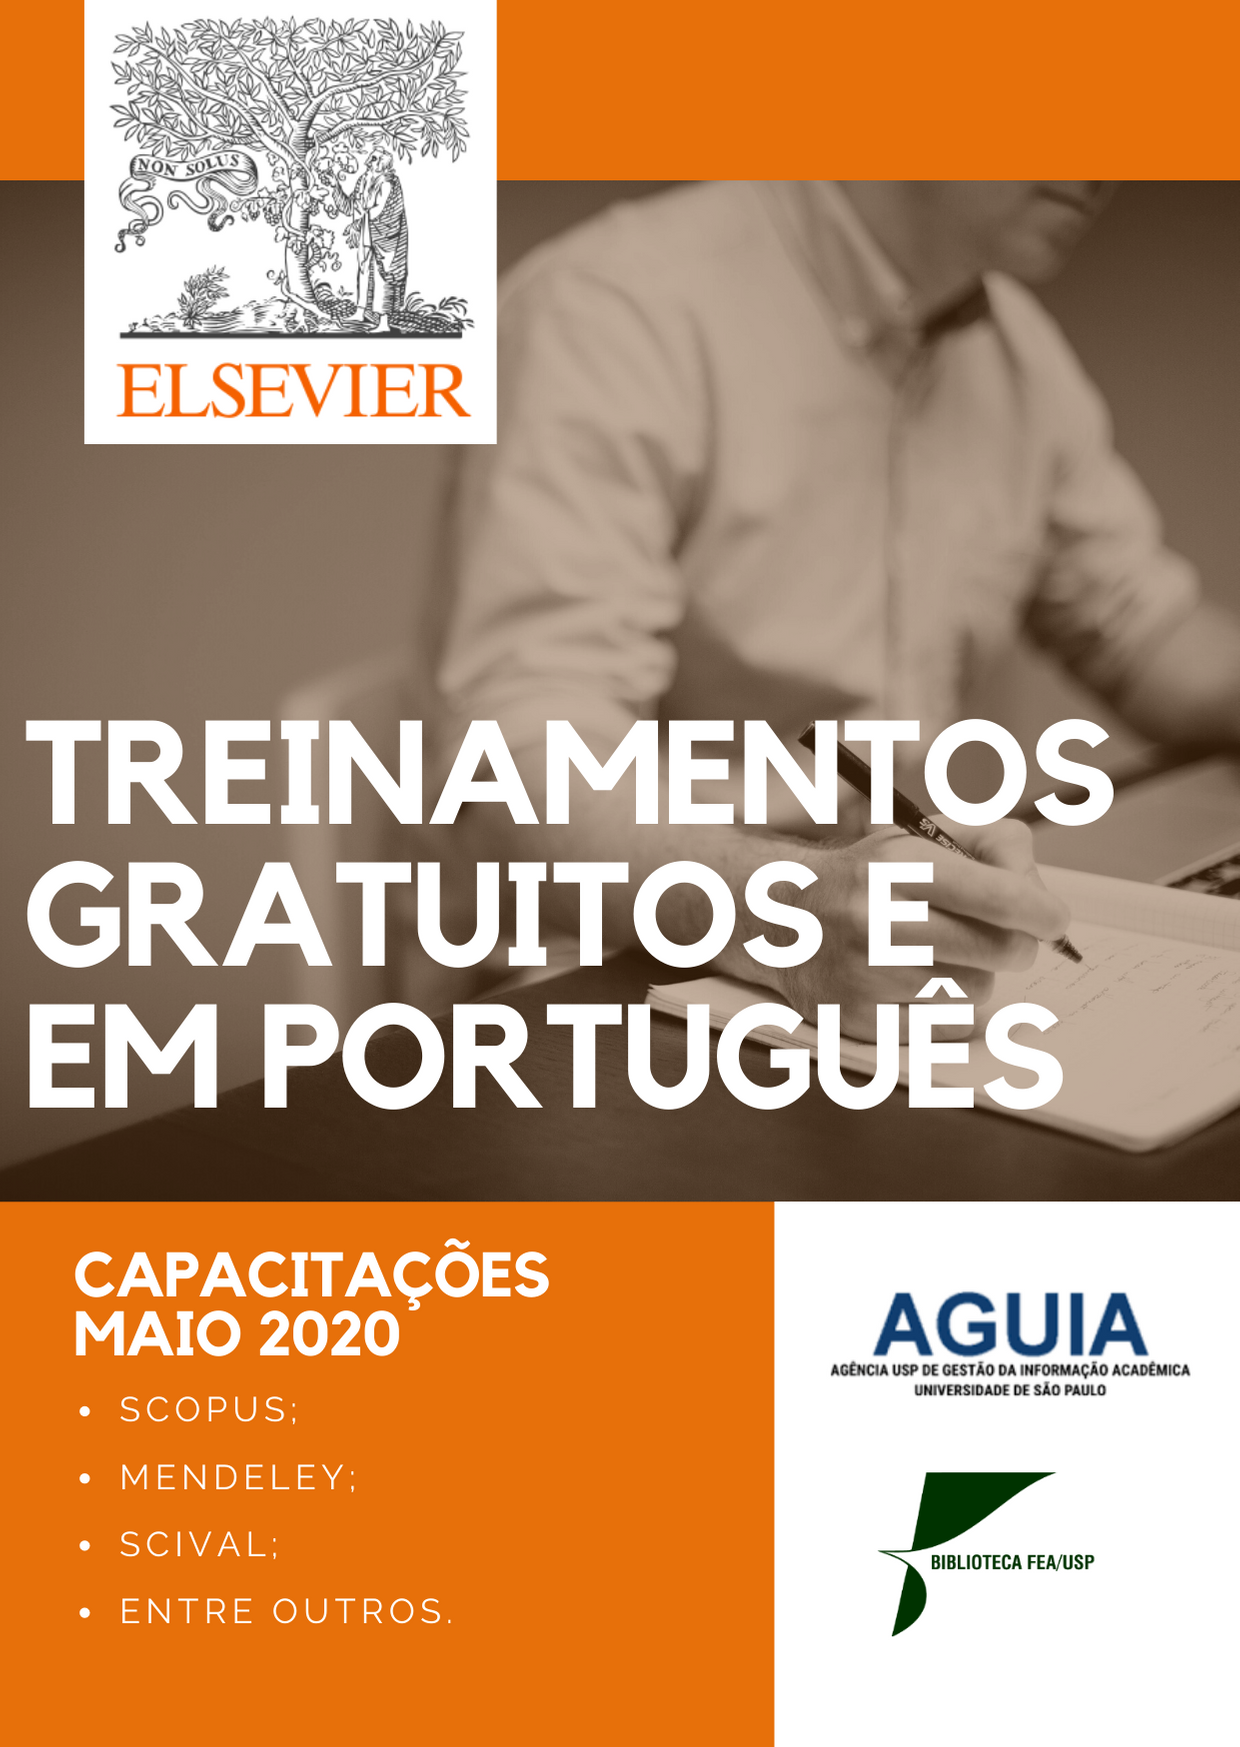 TREINAMENTOS ELSEVIER MAIO 2020